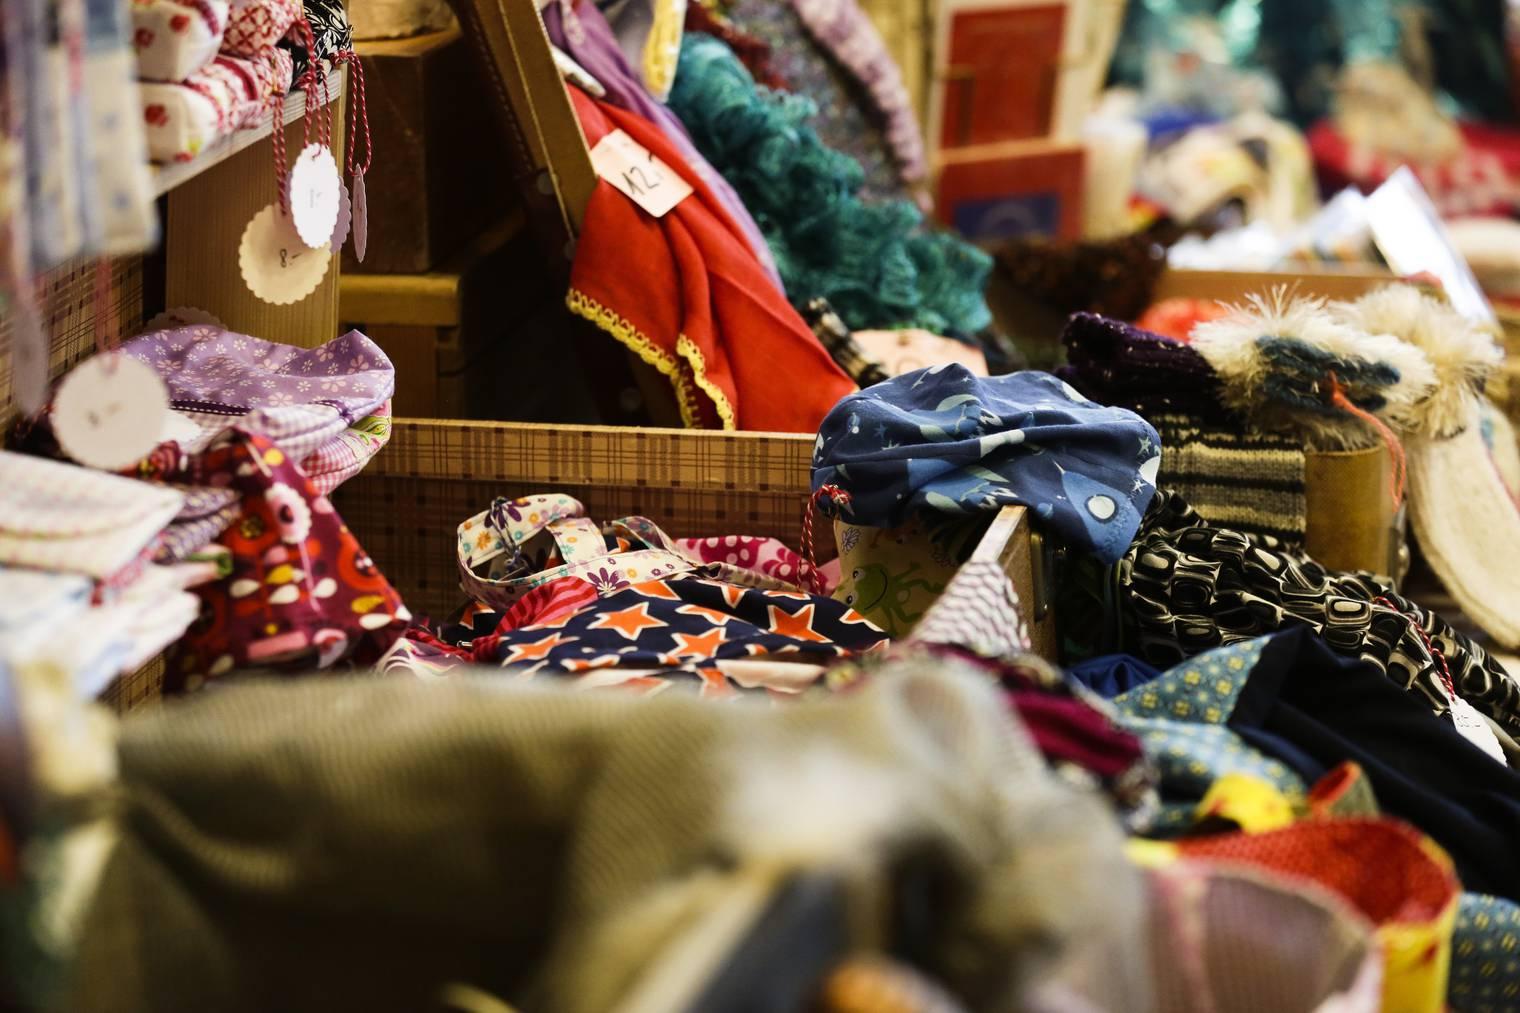 In Appenzell präsentieren Kreative ihre Ware in Koffern. (Bild: Thurgauer Zeitung/Nana do Carmo)